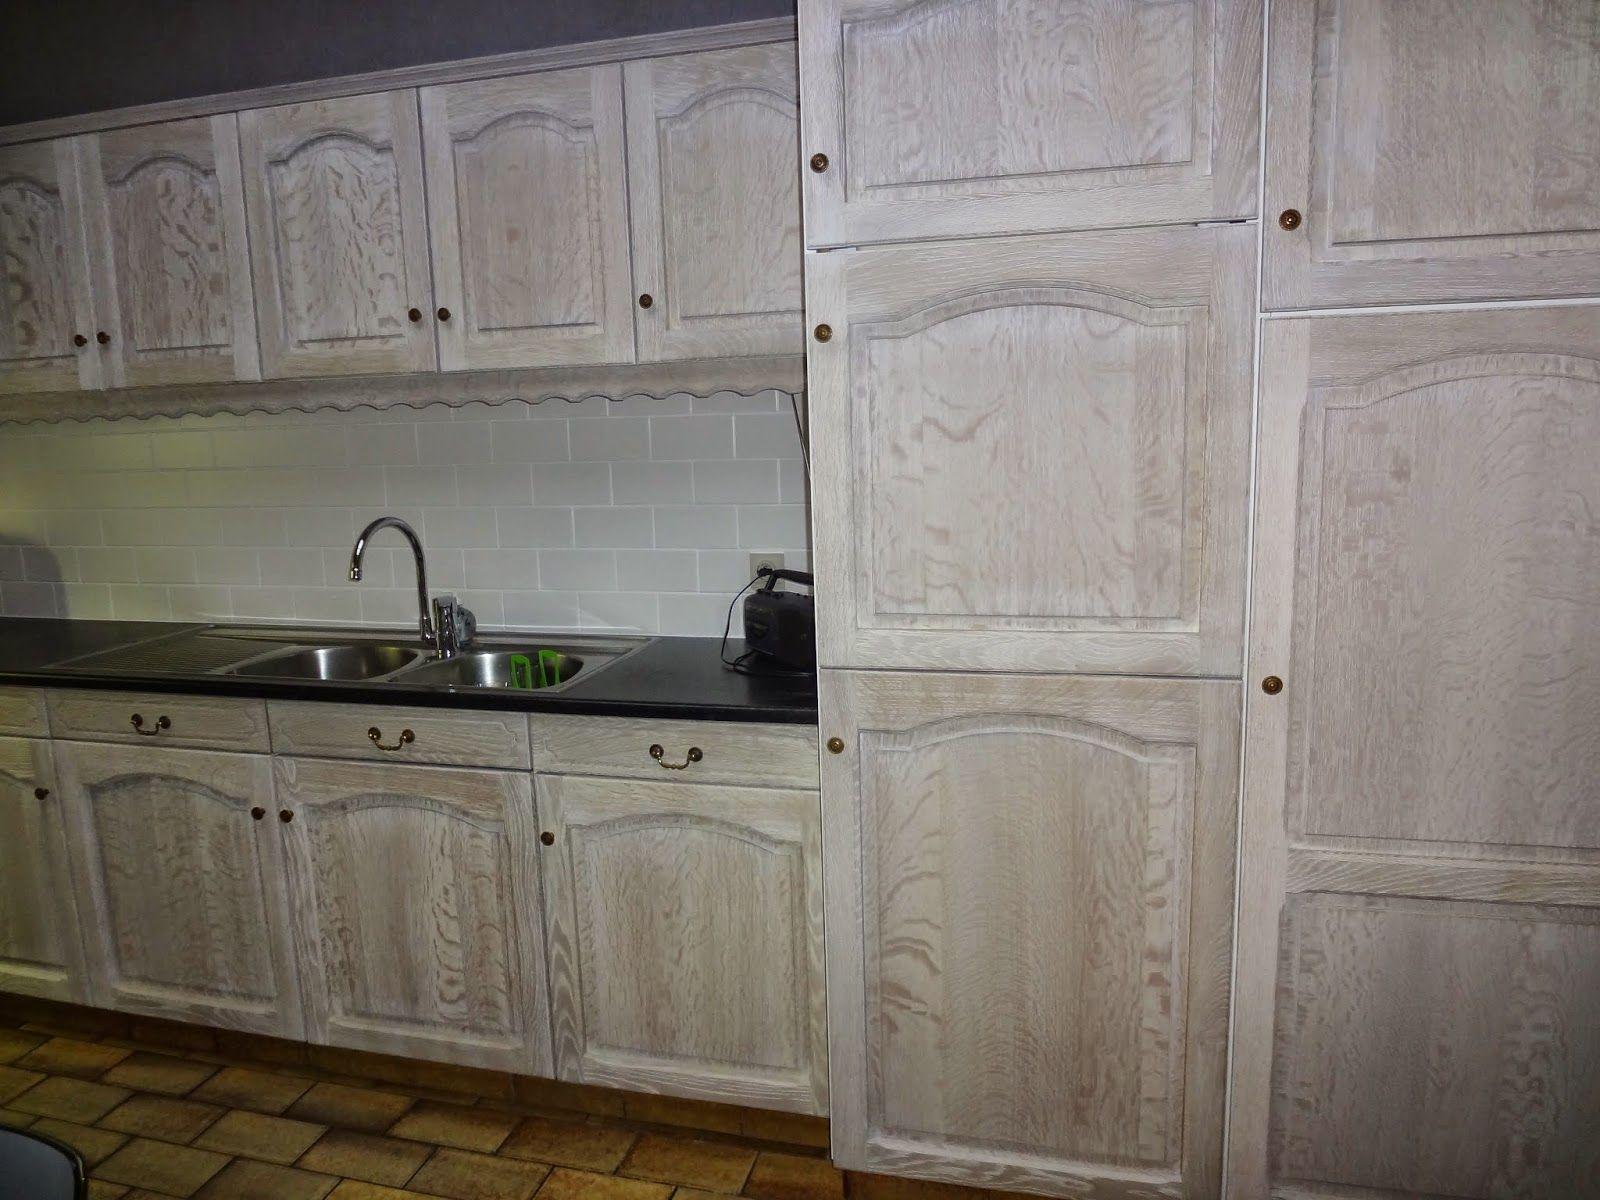 Renovatie Van Keukens : Renovatie van eiken keukens: eiken keuken renoveren ? meer info over